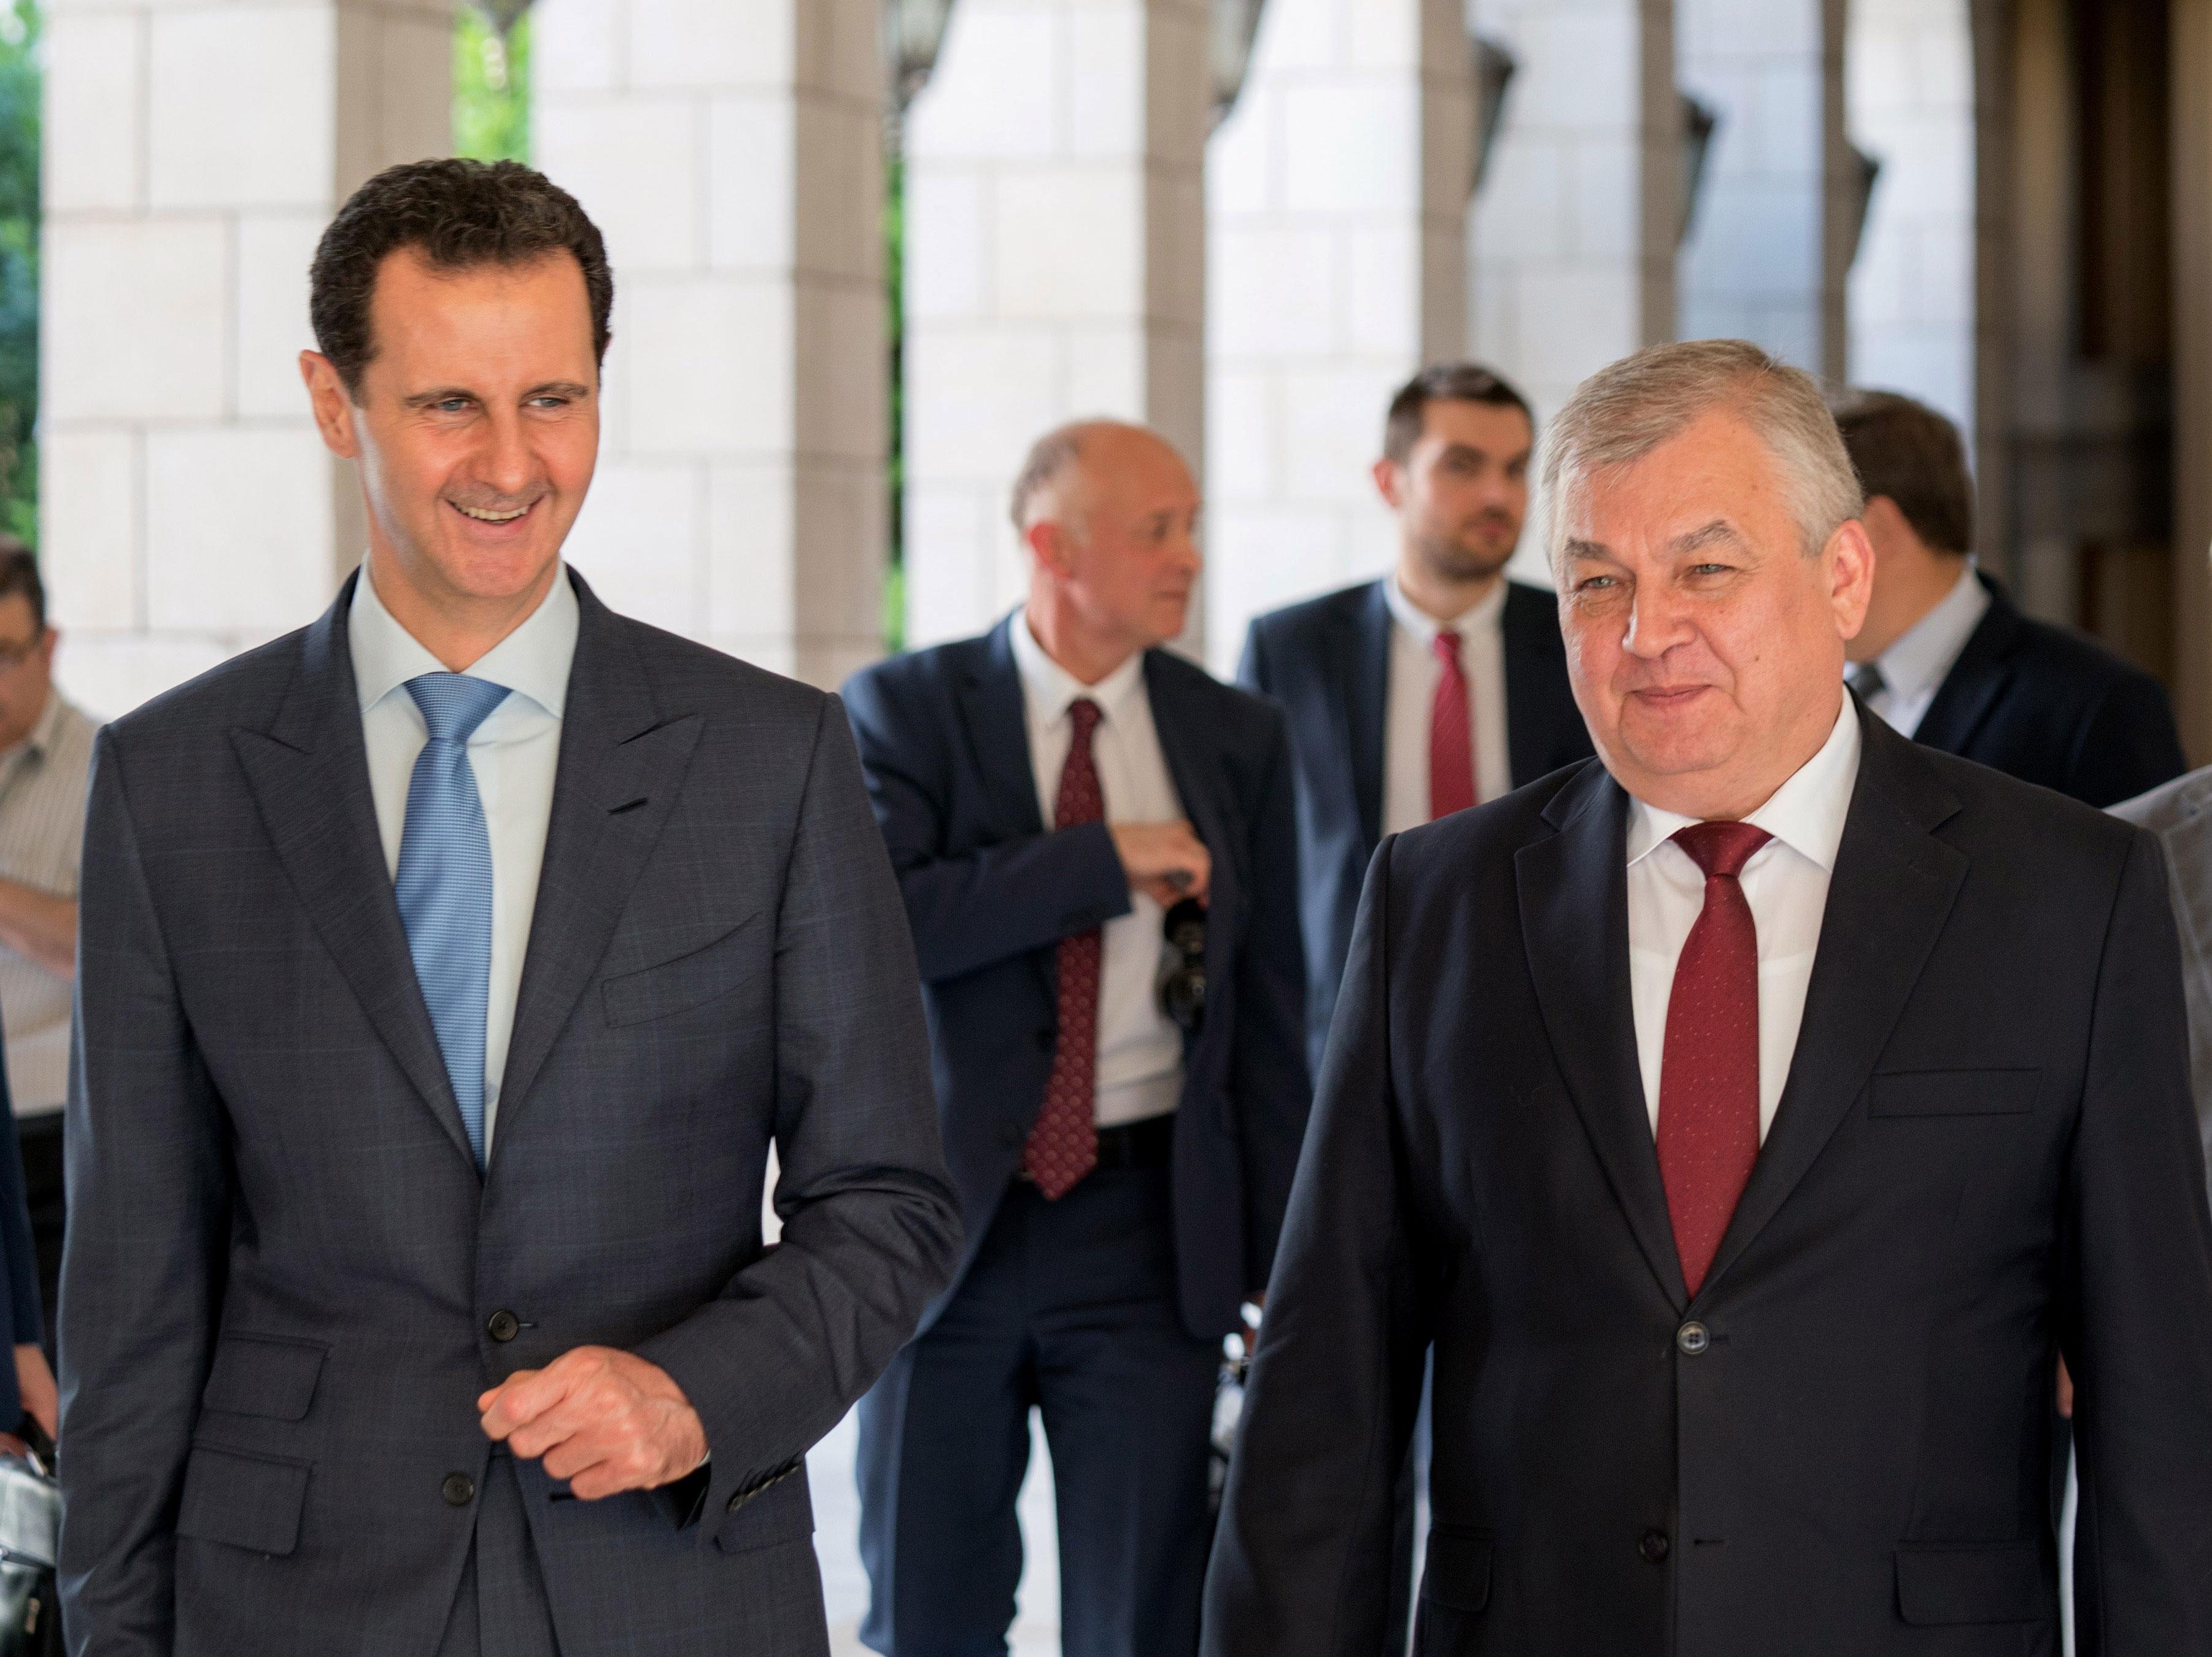 الأسد: هجمات السويداء تدل على أن دولا تحاول إعادة بث الحياة في التنظيمات الإرهابية